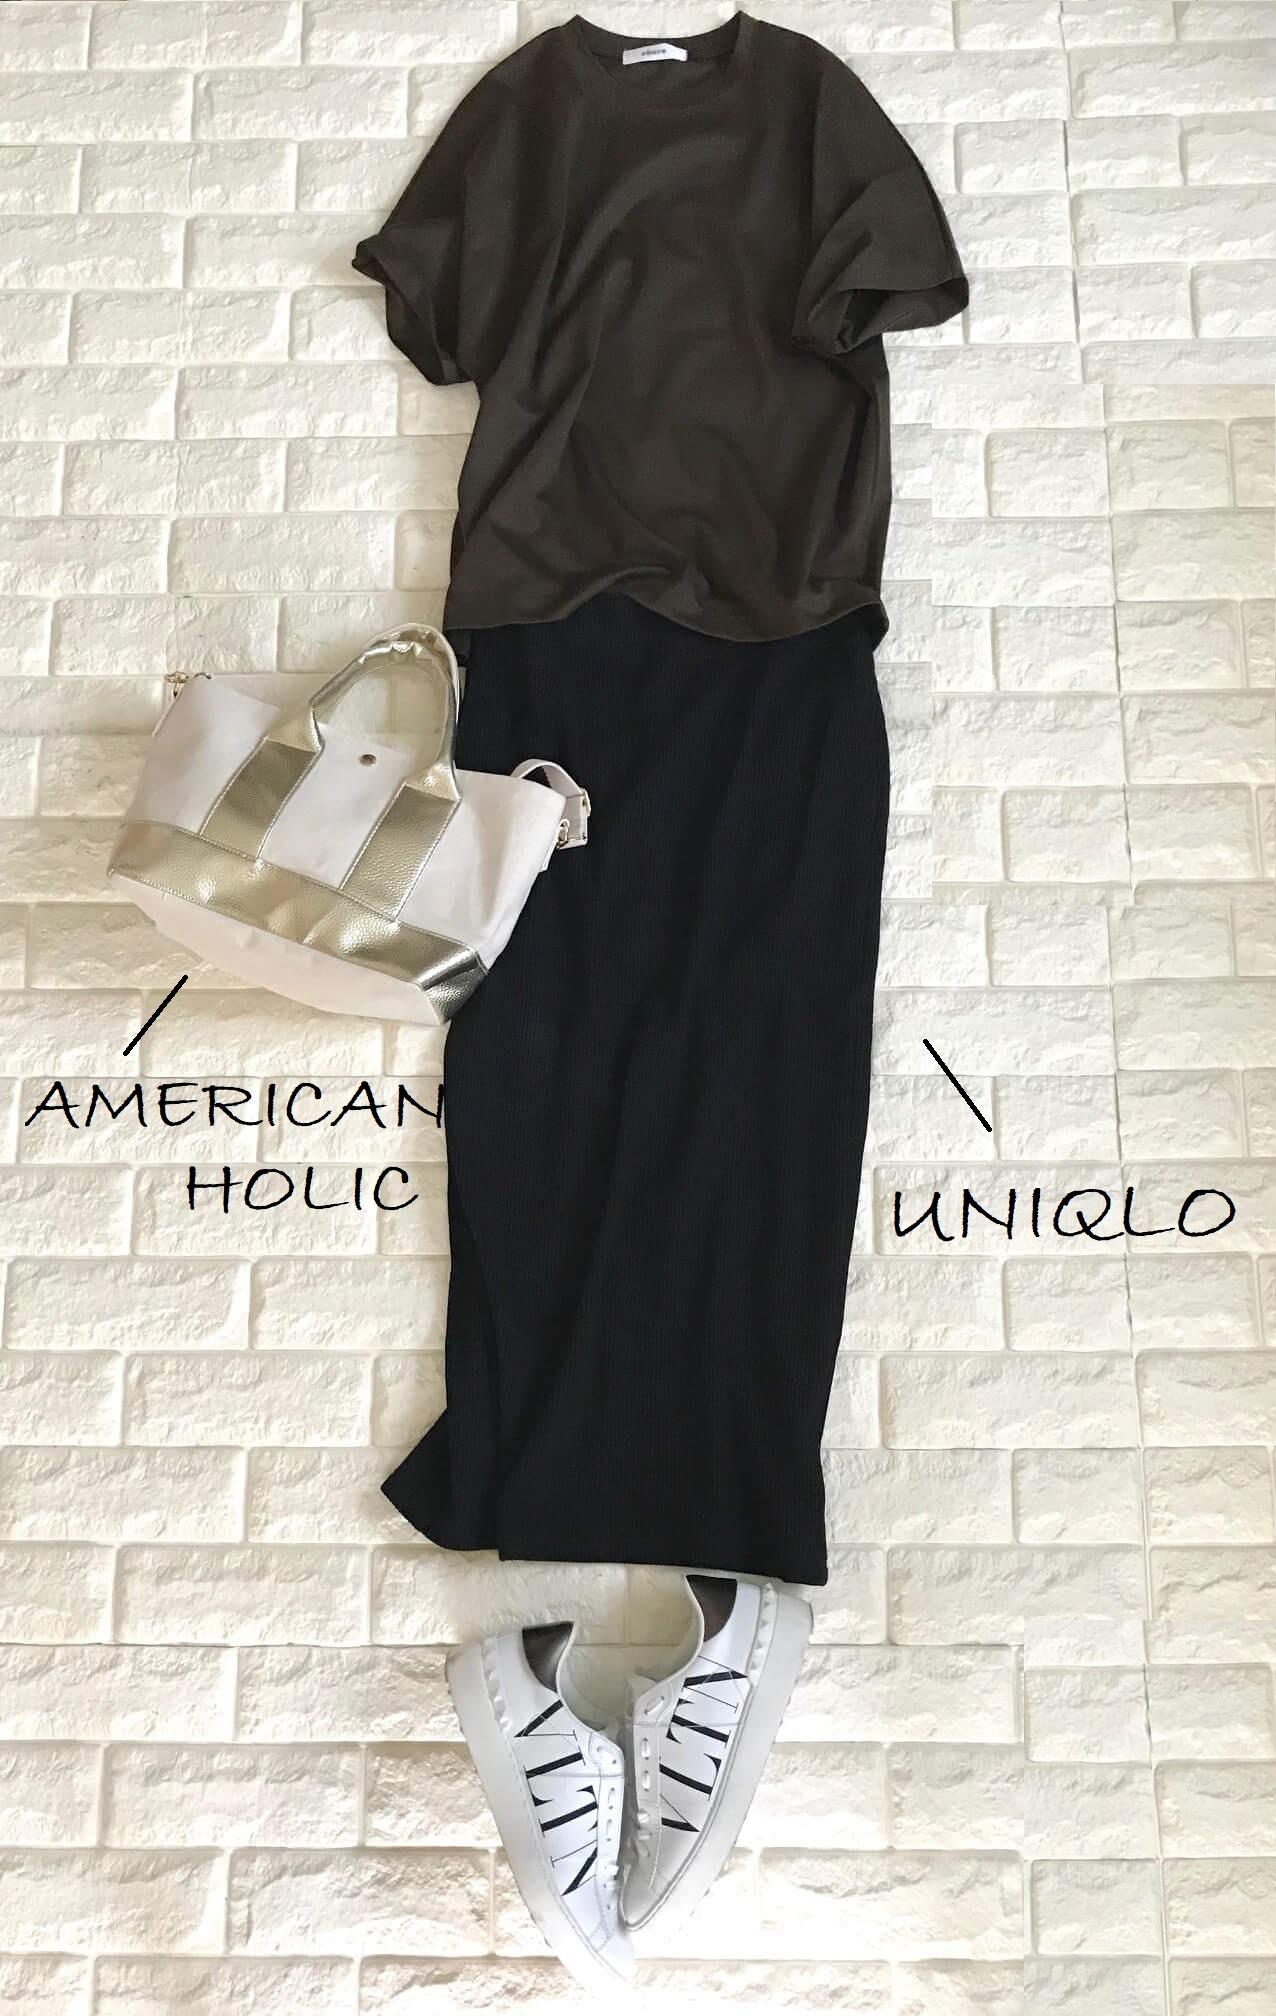 エブールのTシャツと黒のスカートを合わせた秋のコーデ